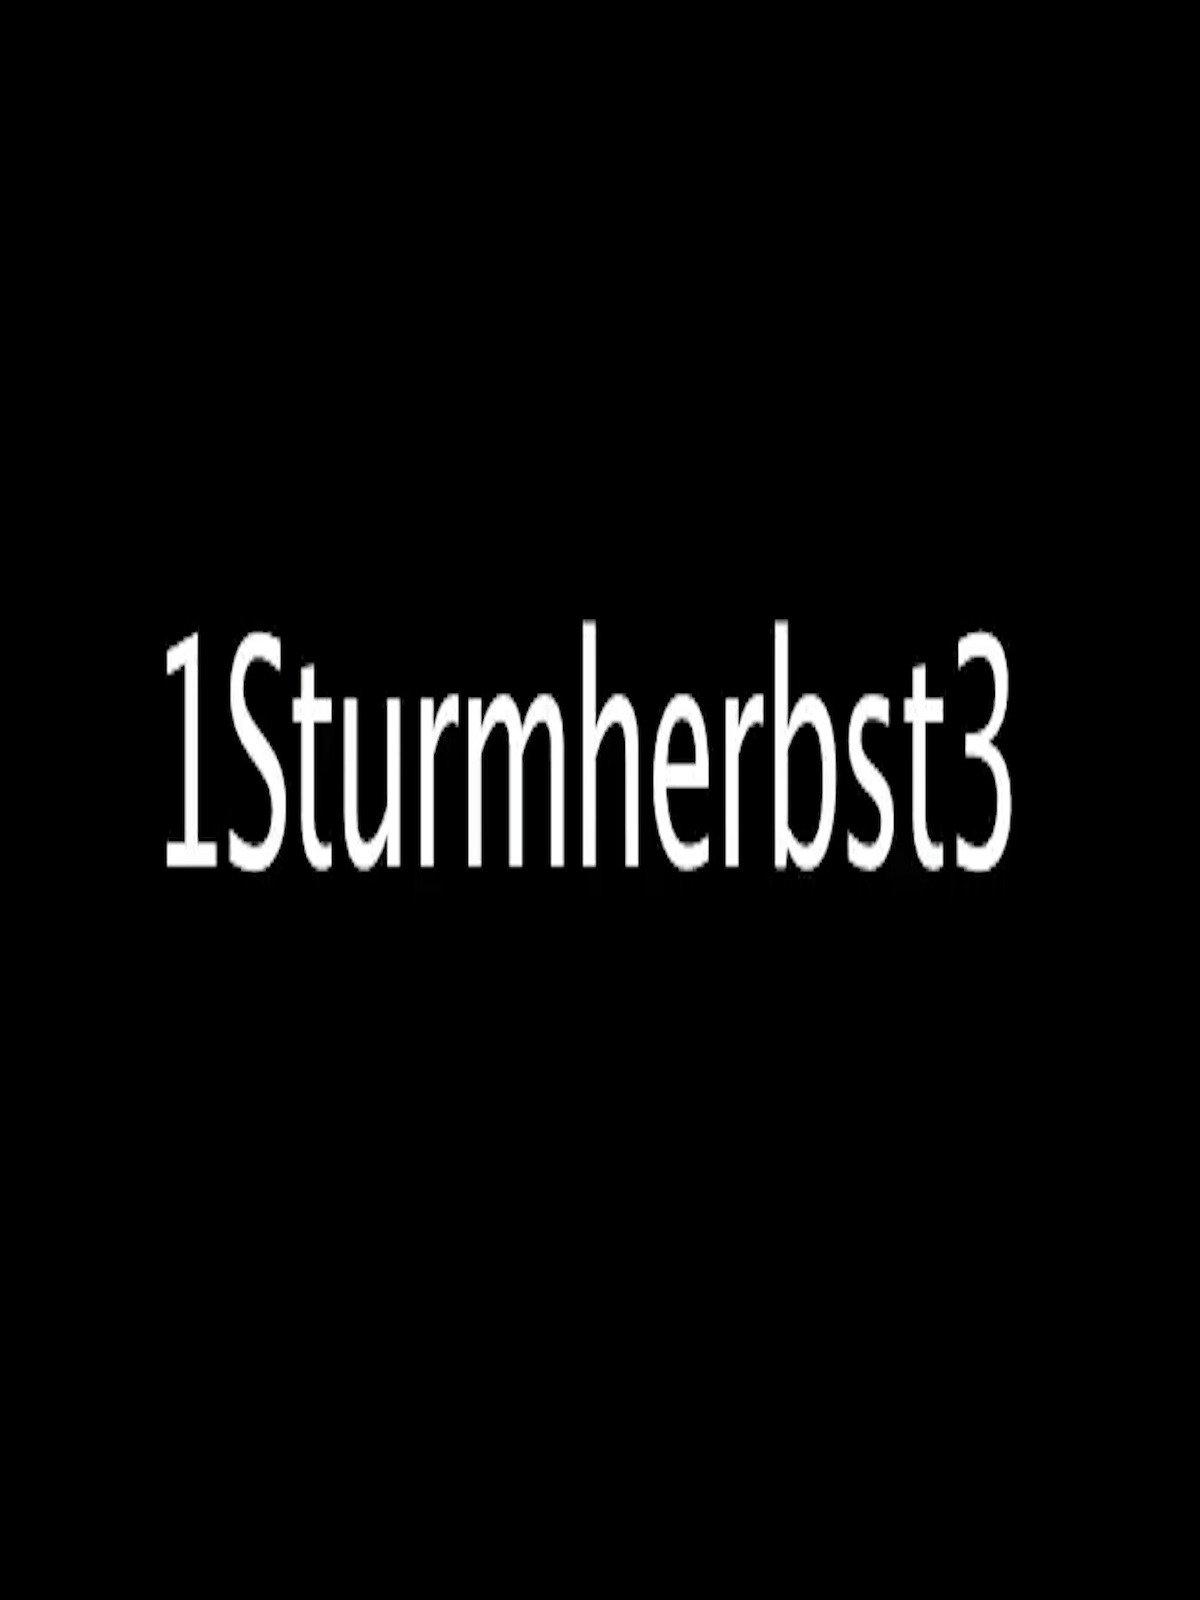 1Sturmherbst3